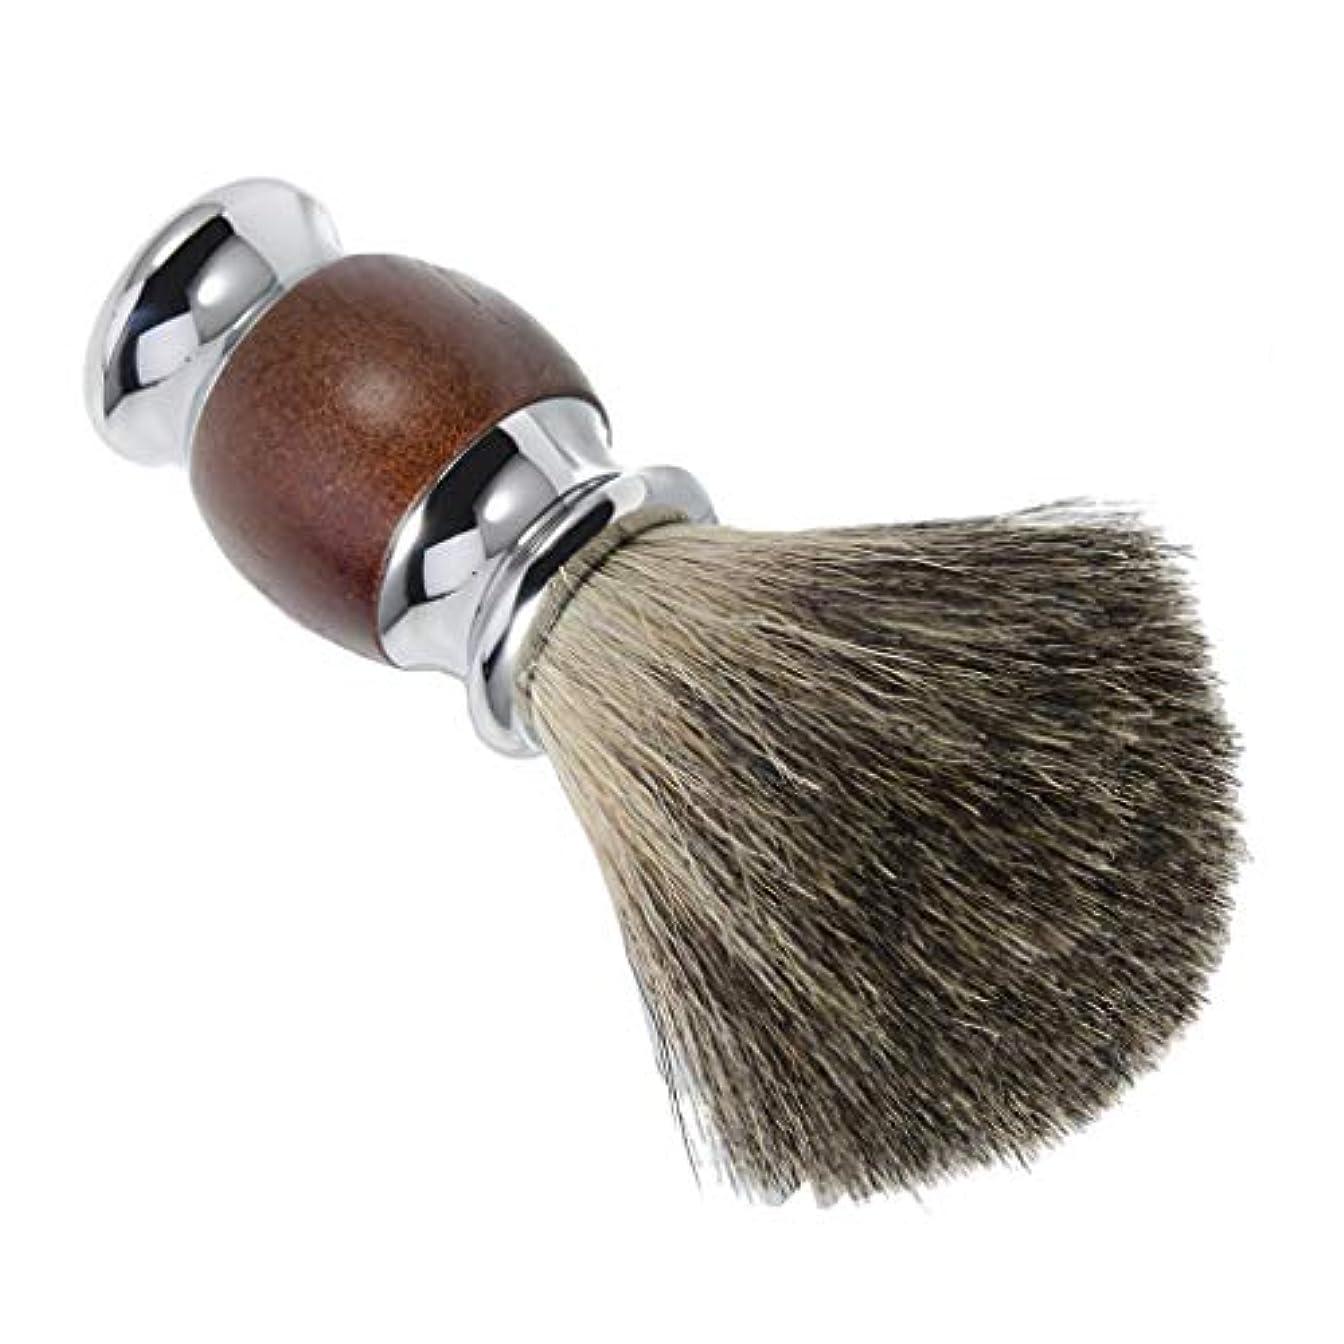 に渡って交通黄ばむシェービング用ブラシ 木製ハンドル メンズ 理容 洗顔 髭剃り 泡立ち 贈り物